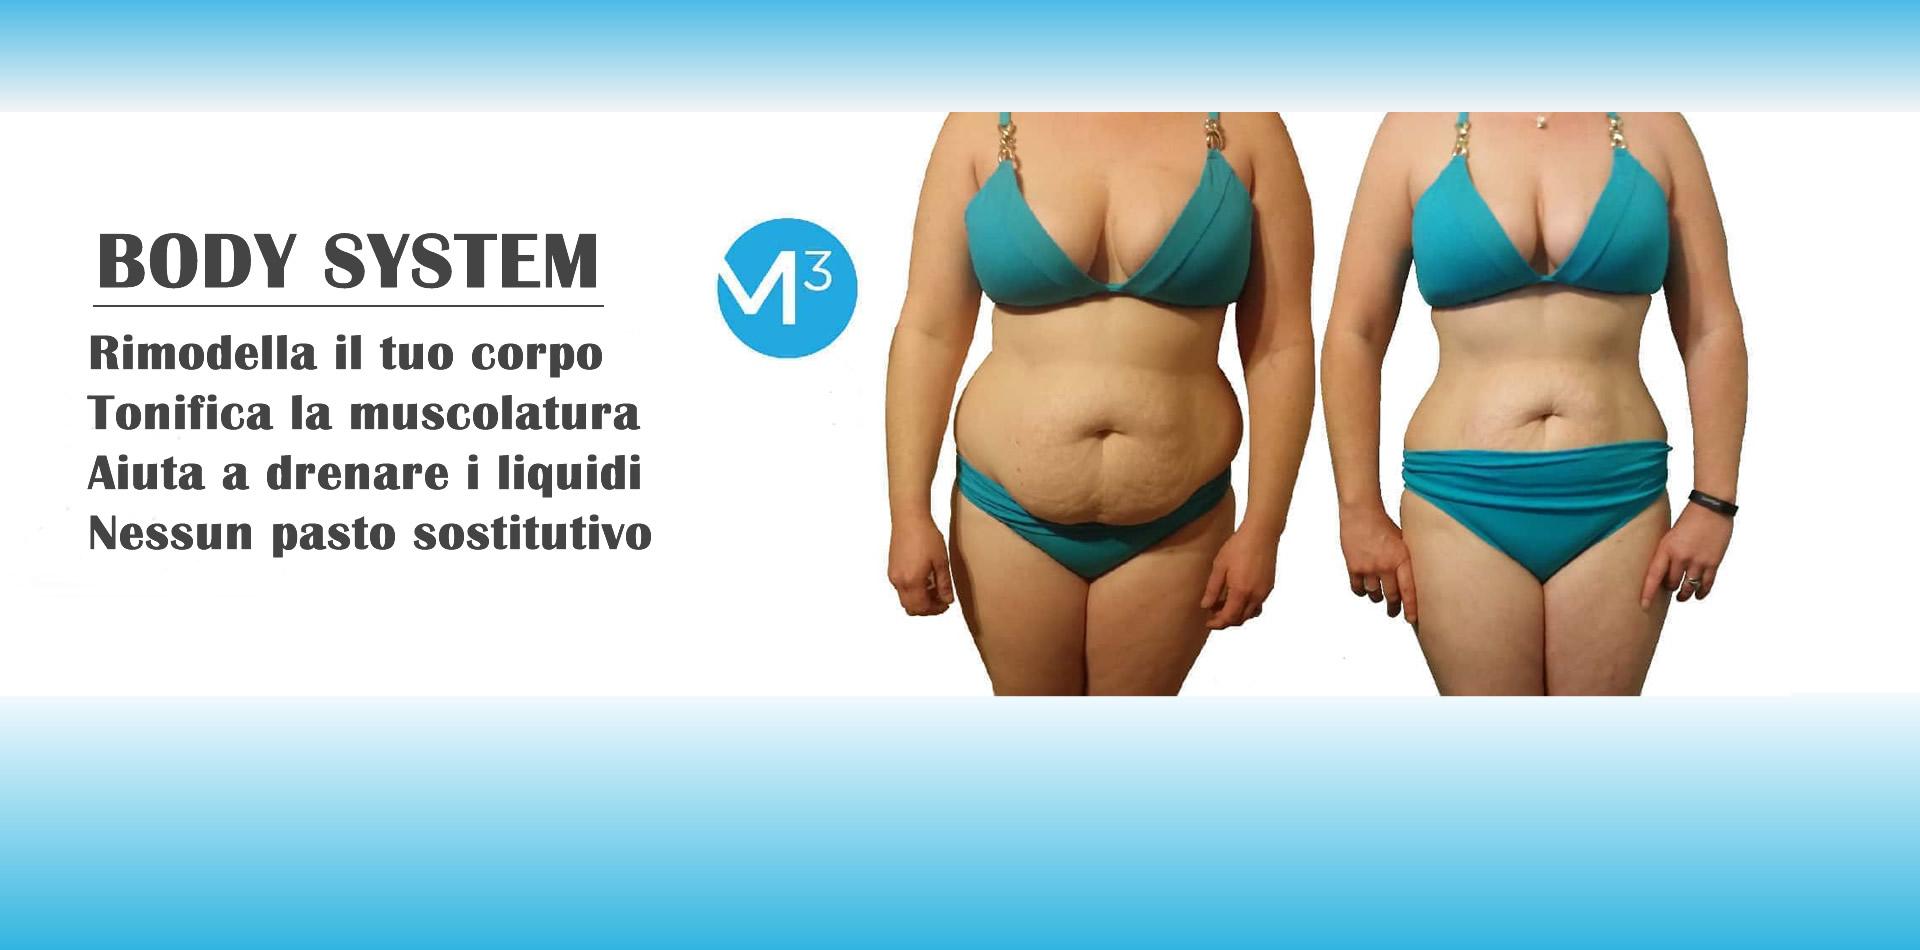 M3_Body_system